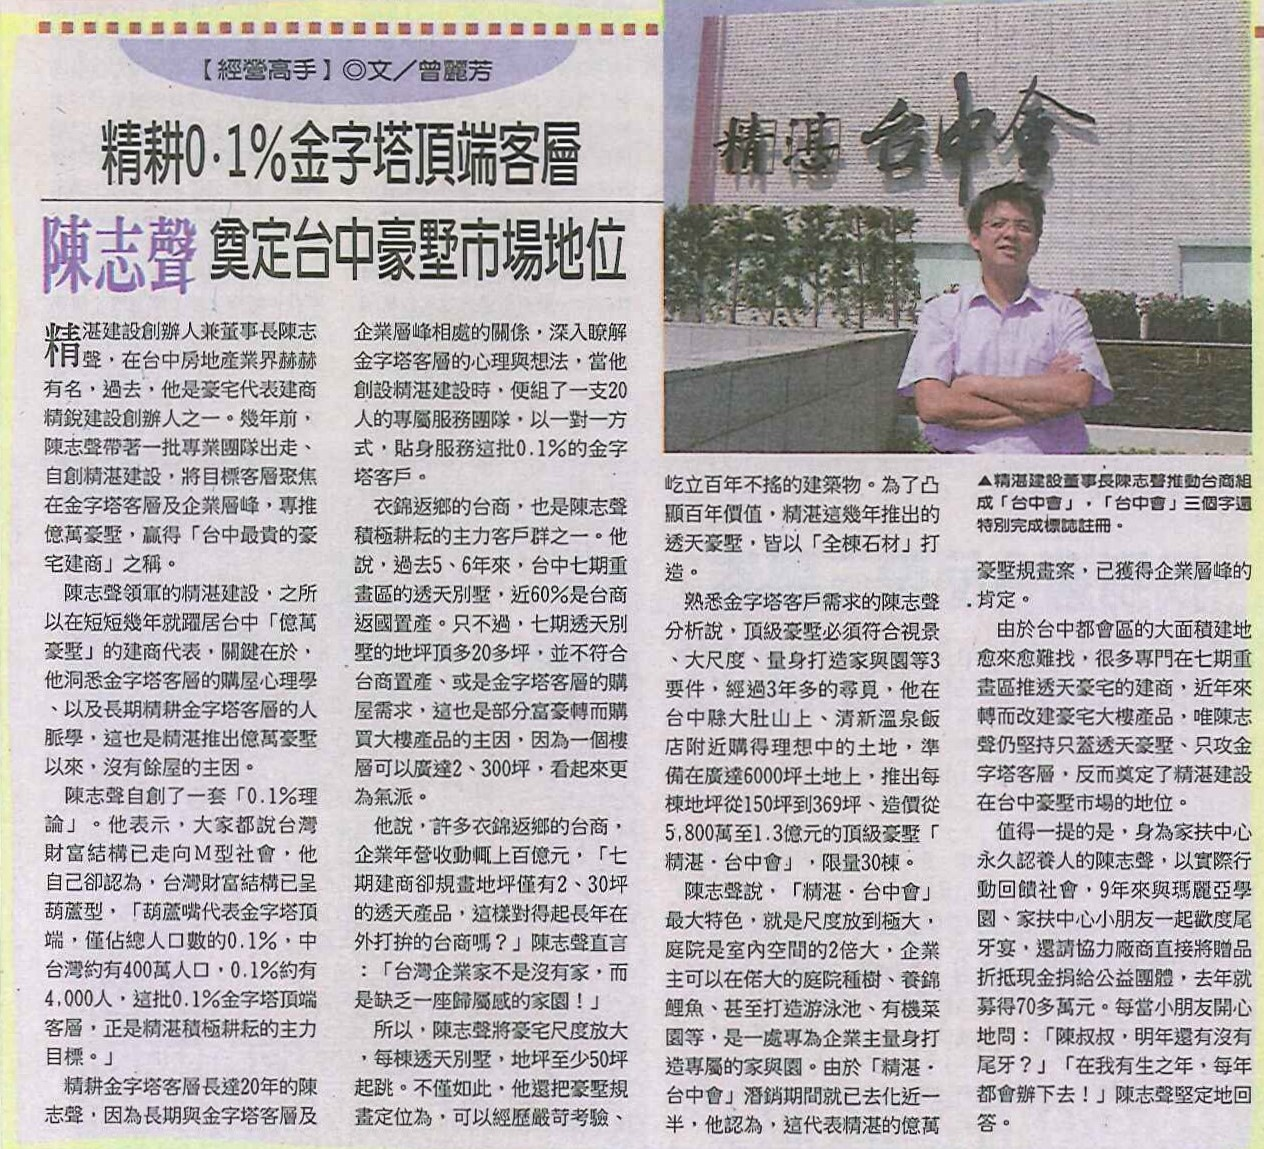 20070913 工商時報_ 陳志聲奠定台中豪墅市場地位